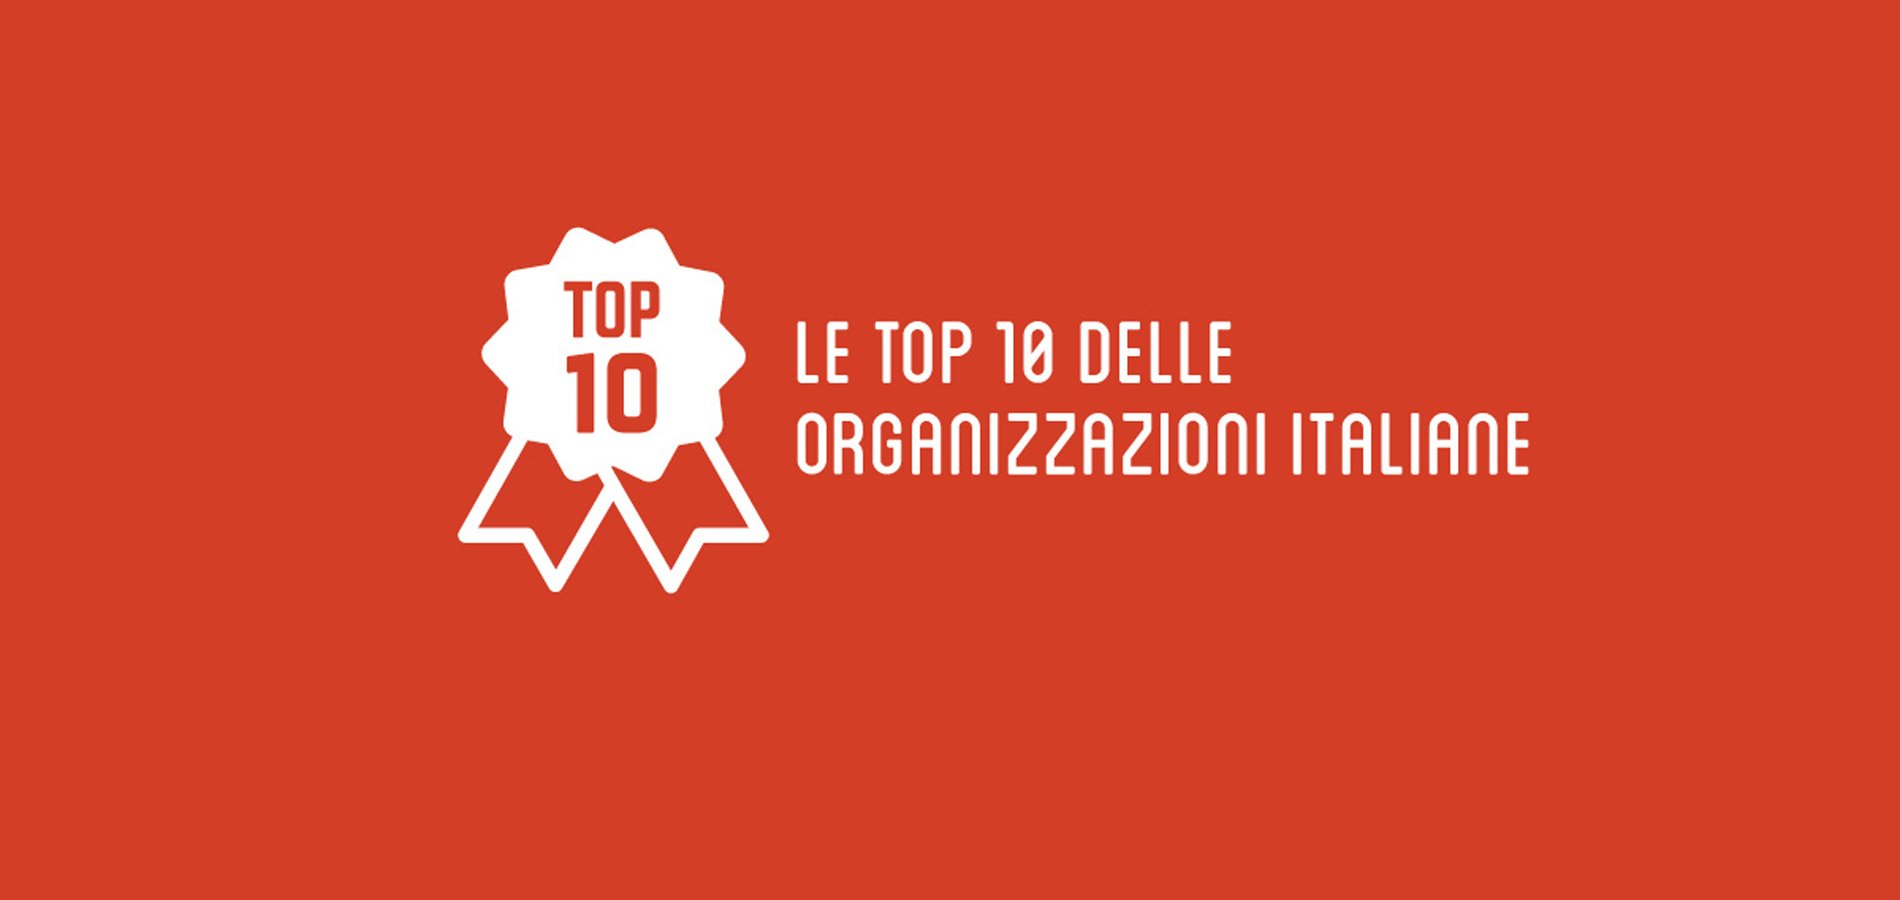 top-10-ong-ibo